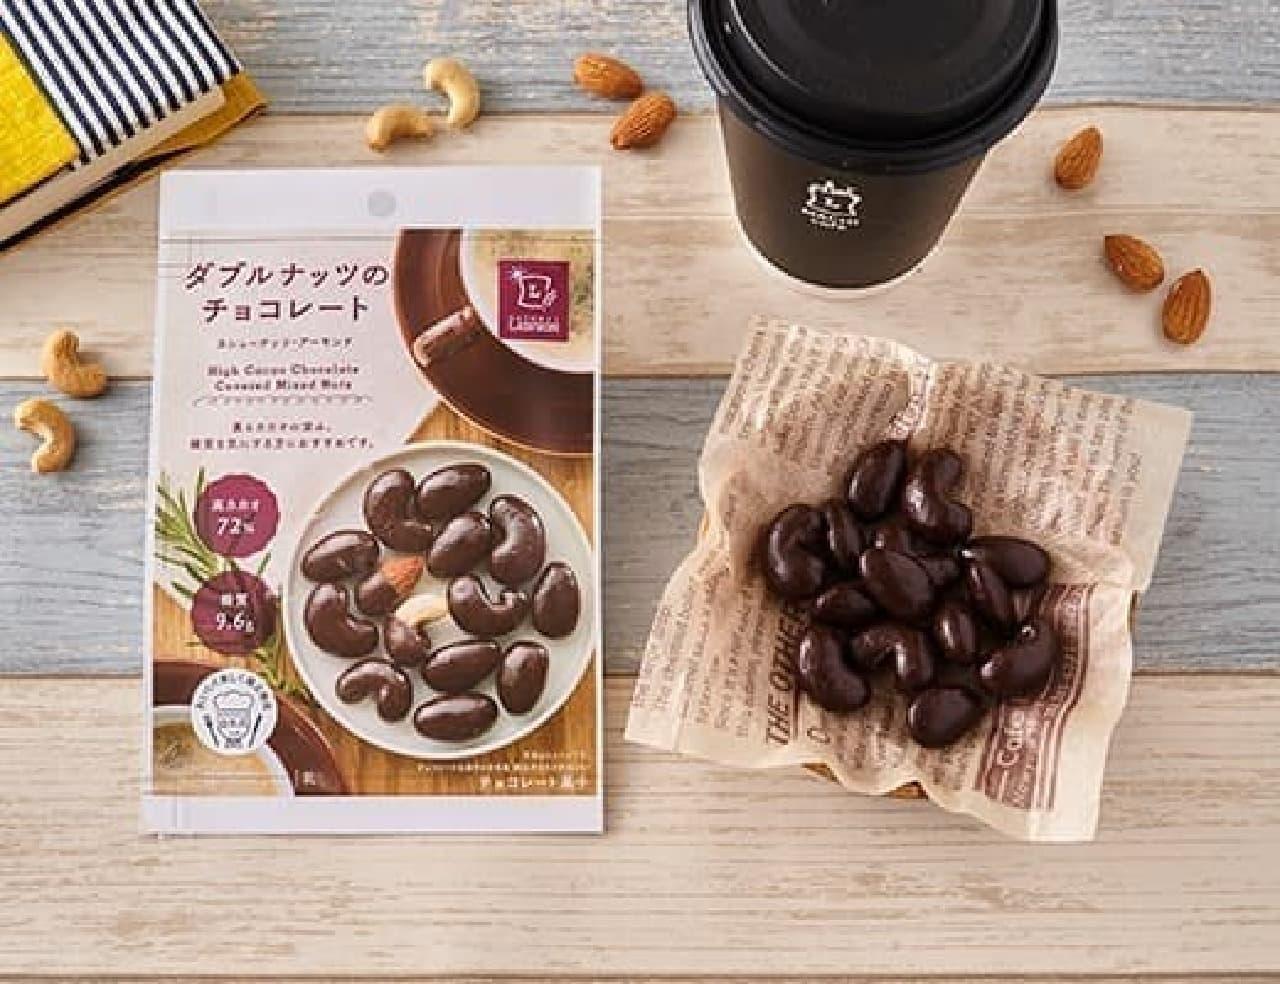 ローソン「ダブルナッツのチョコレート 38g」